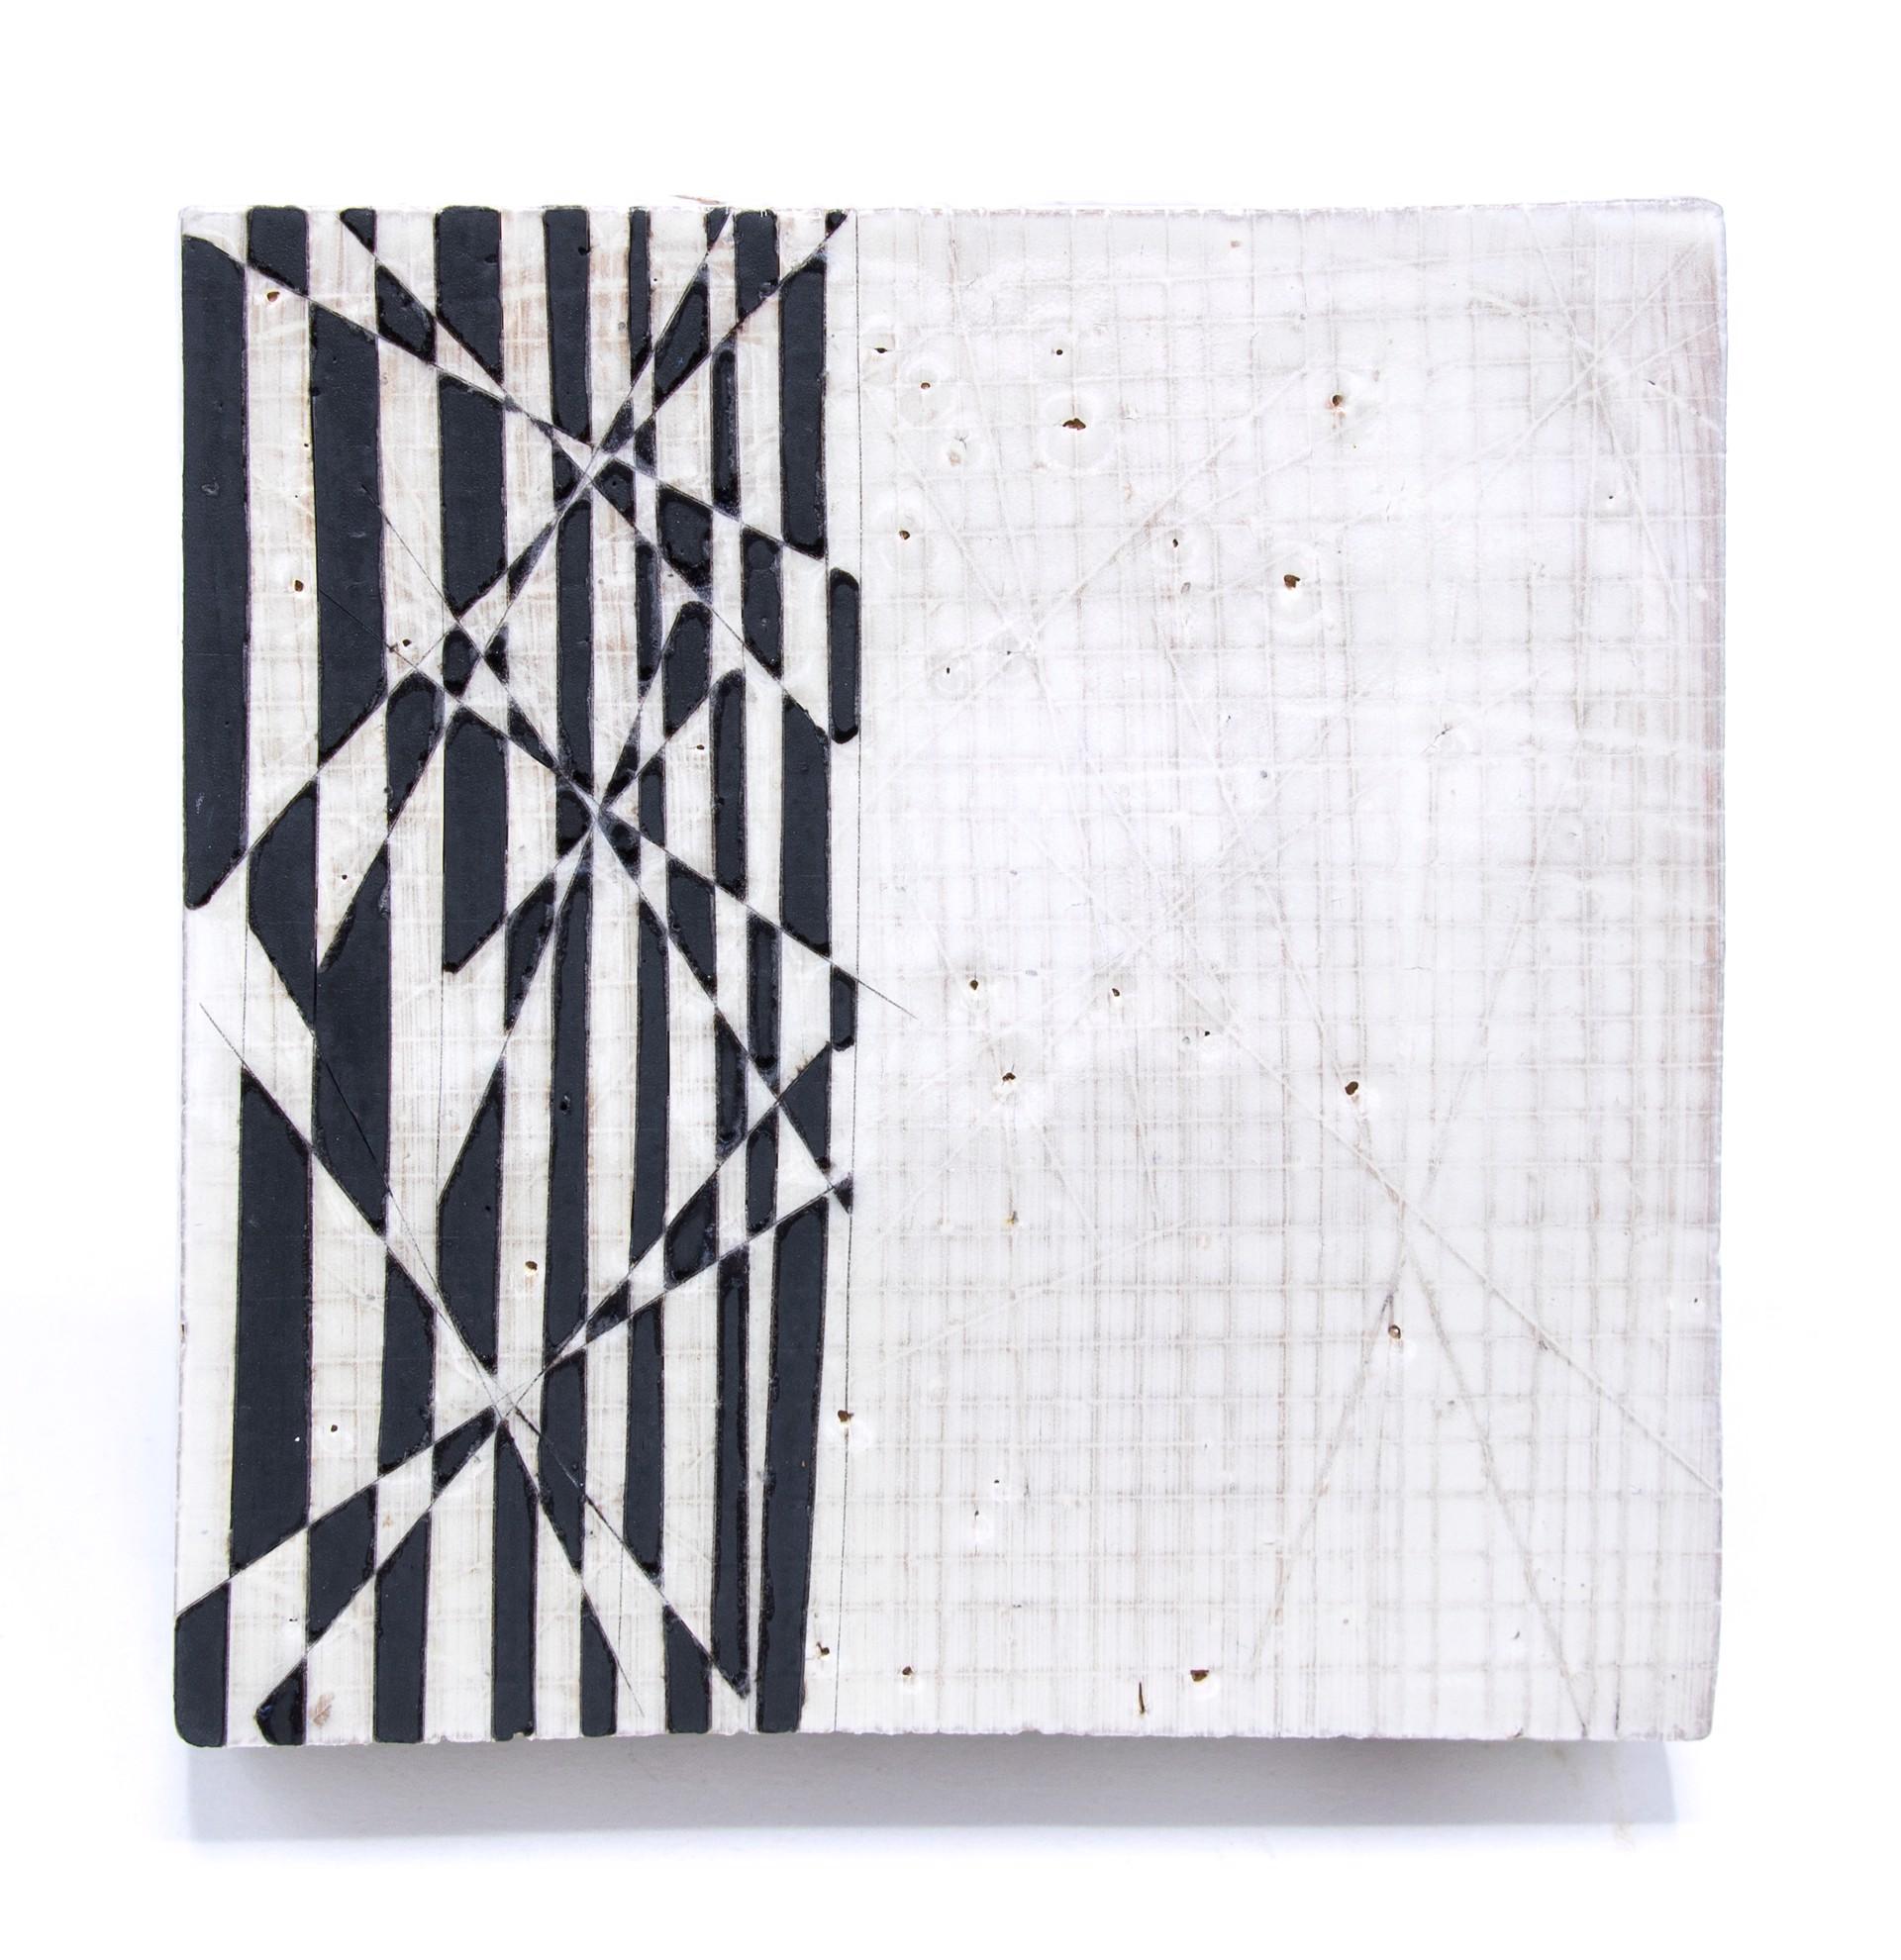 Tile (4) by Zak Helenske